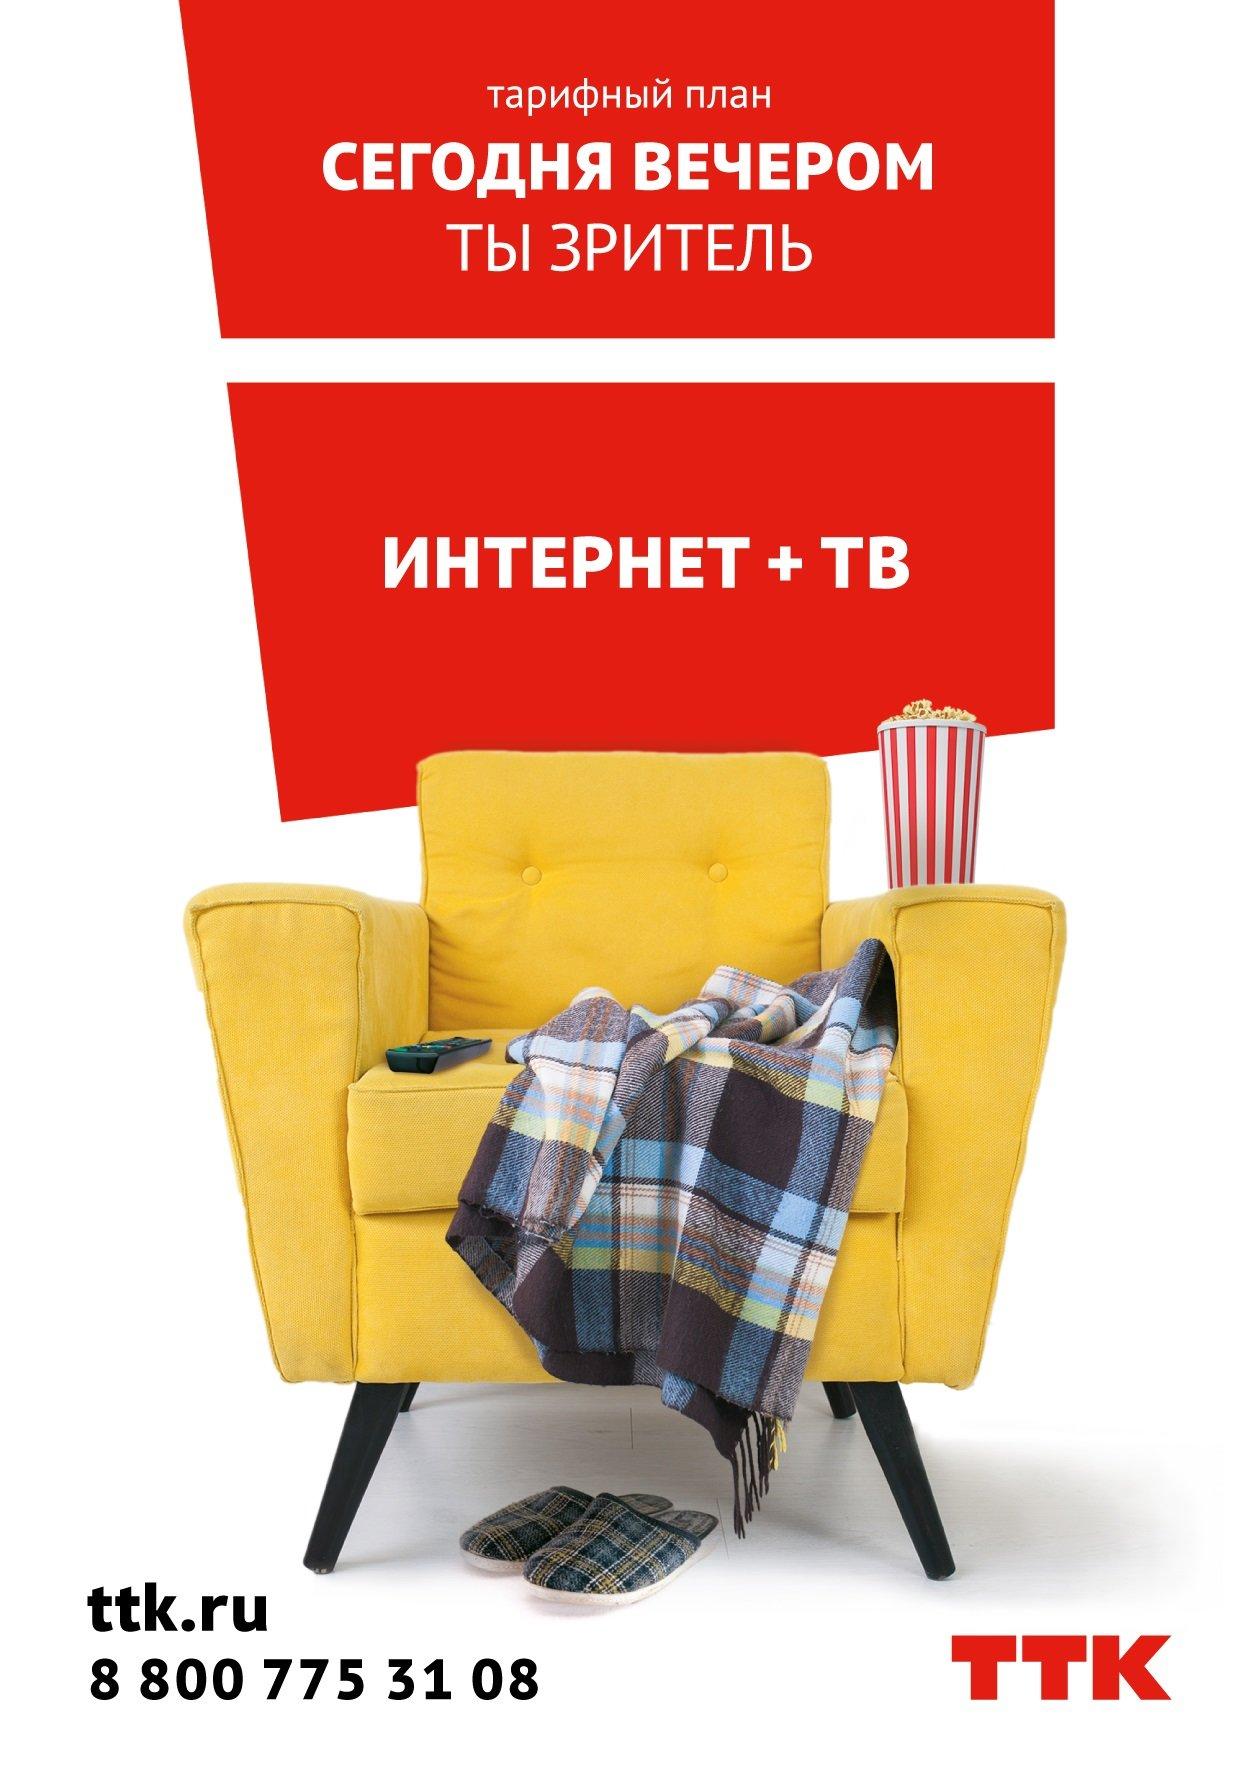 Две популярные услуги для новых абонентов ТТК в Тамбове – «Сегодня вечером», фото-1